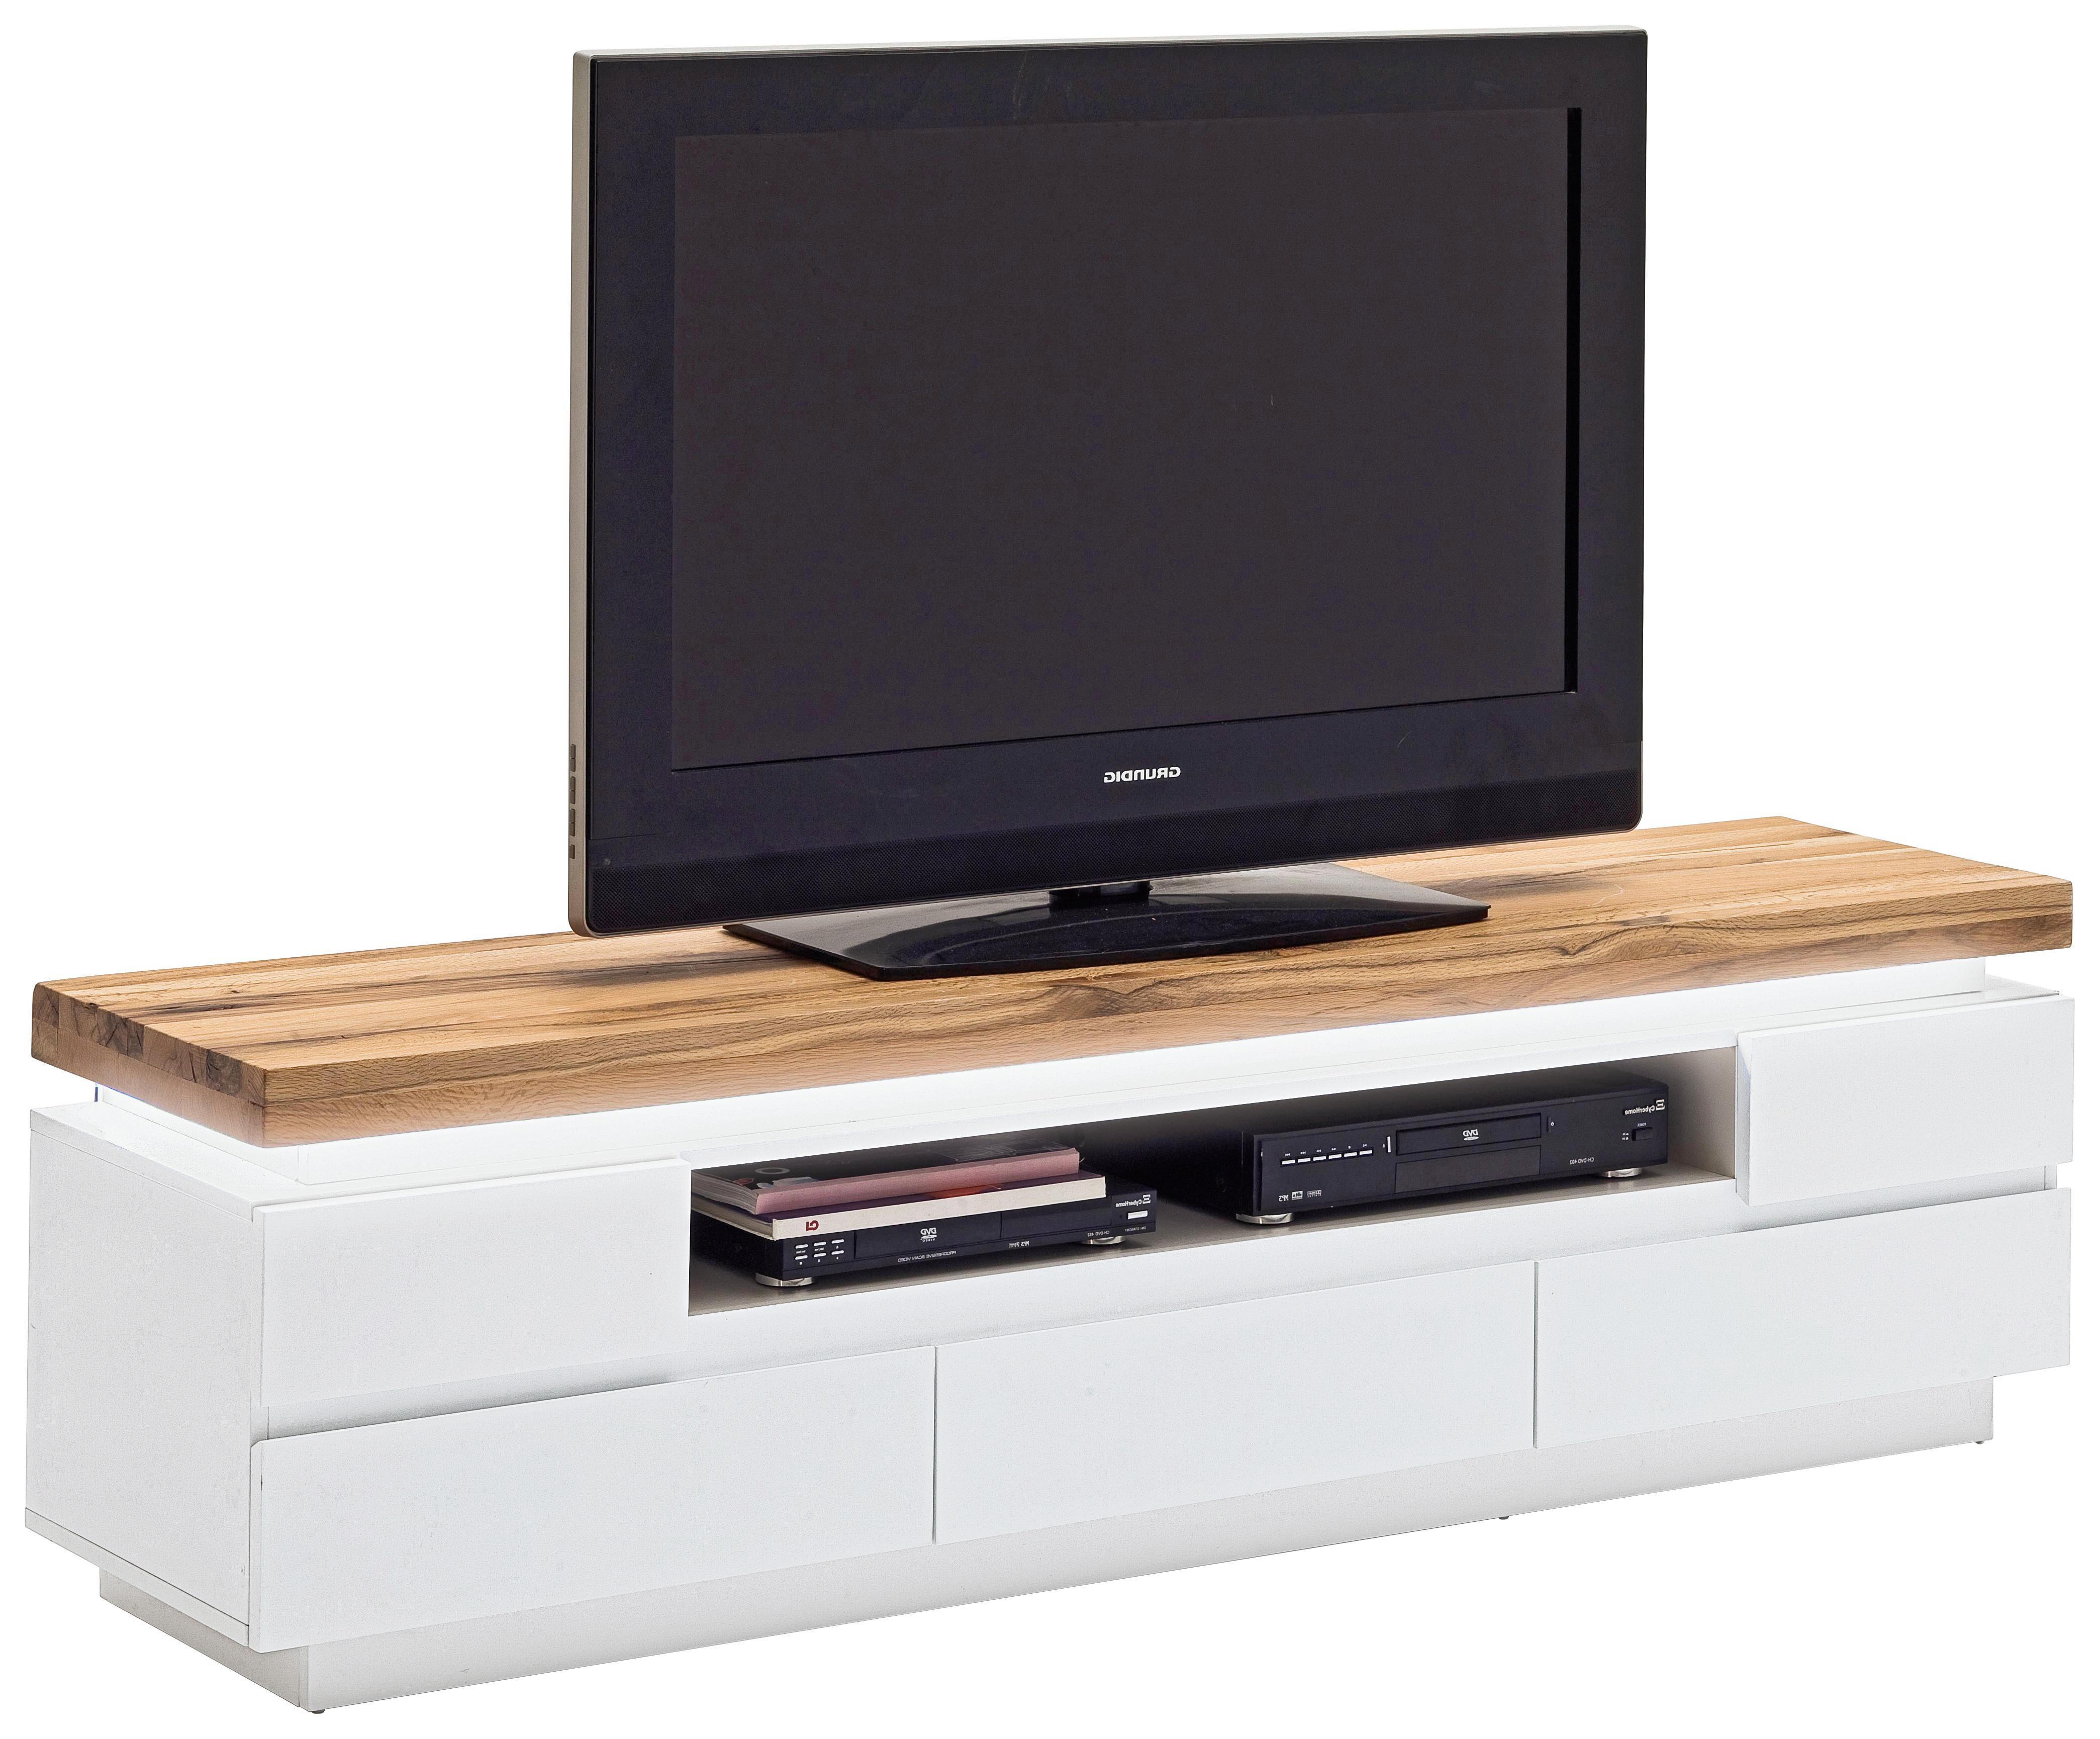 Modernes Lowboard In Weiß & Eiche